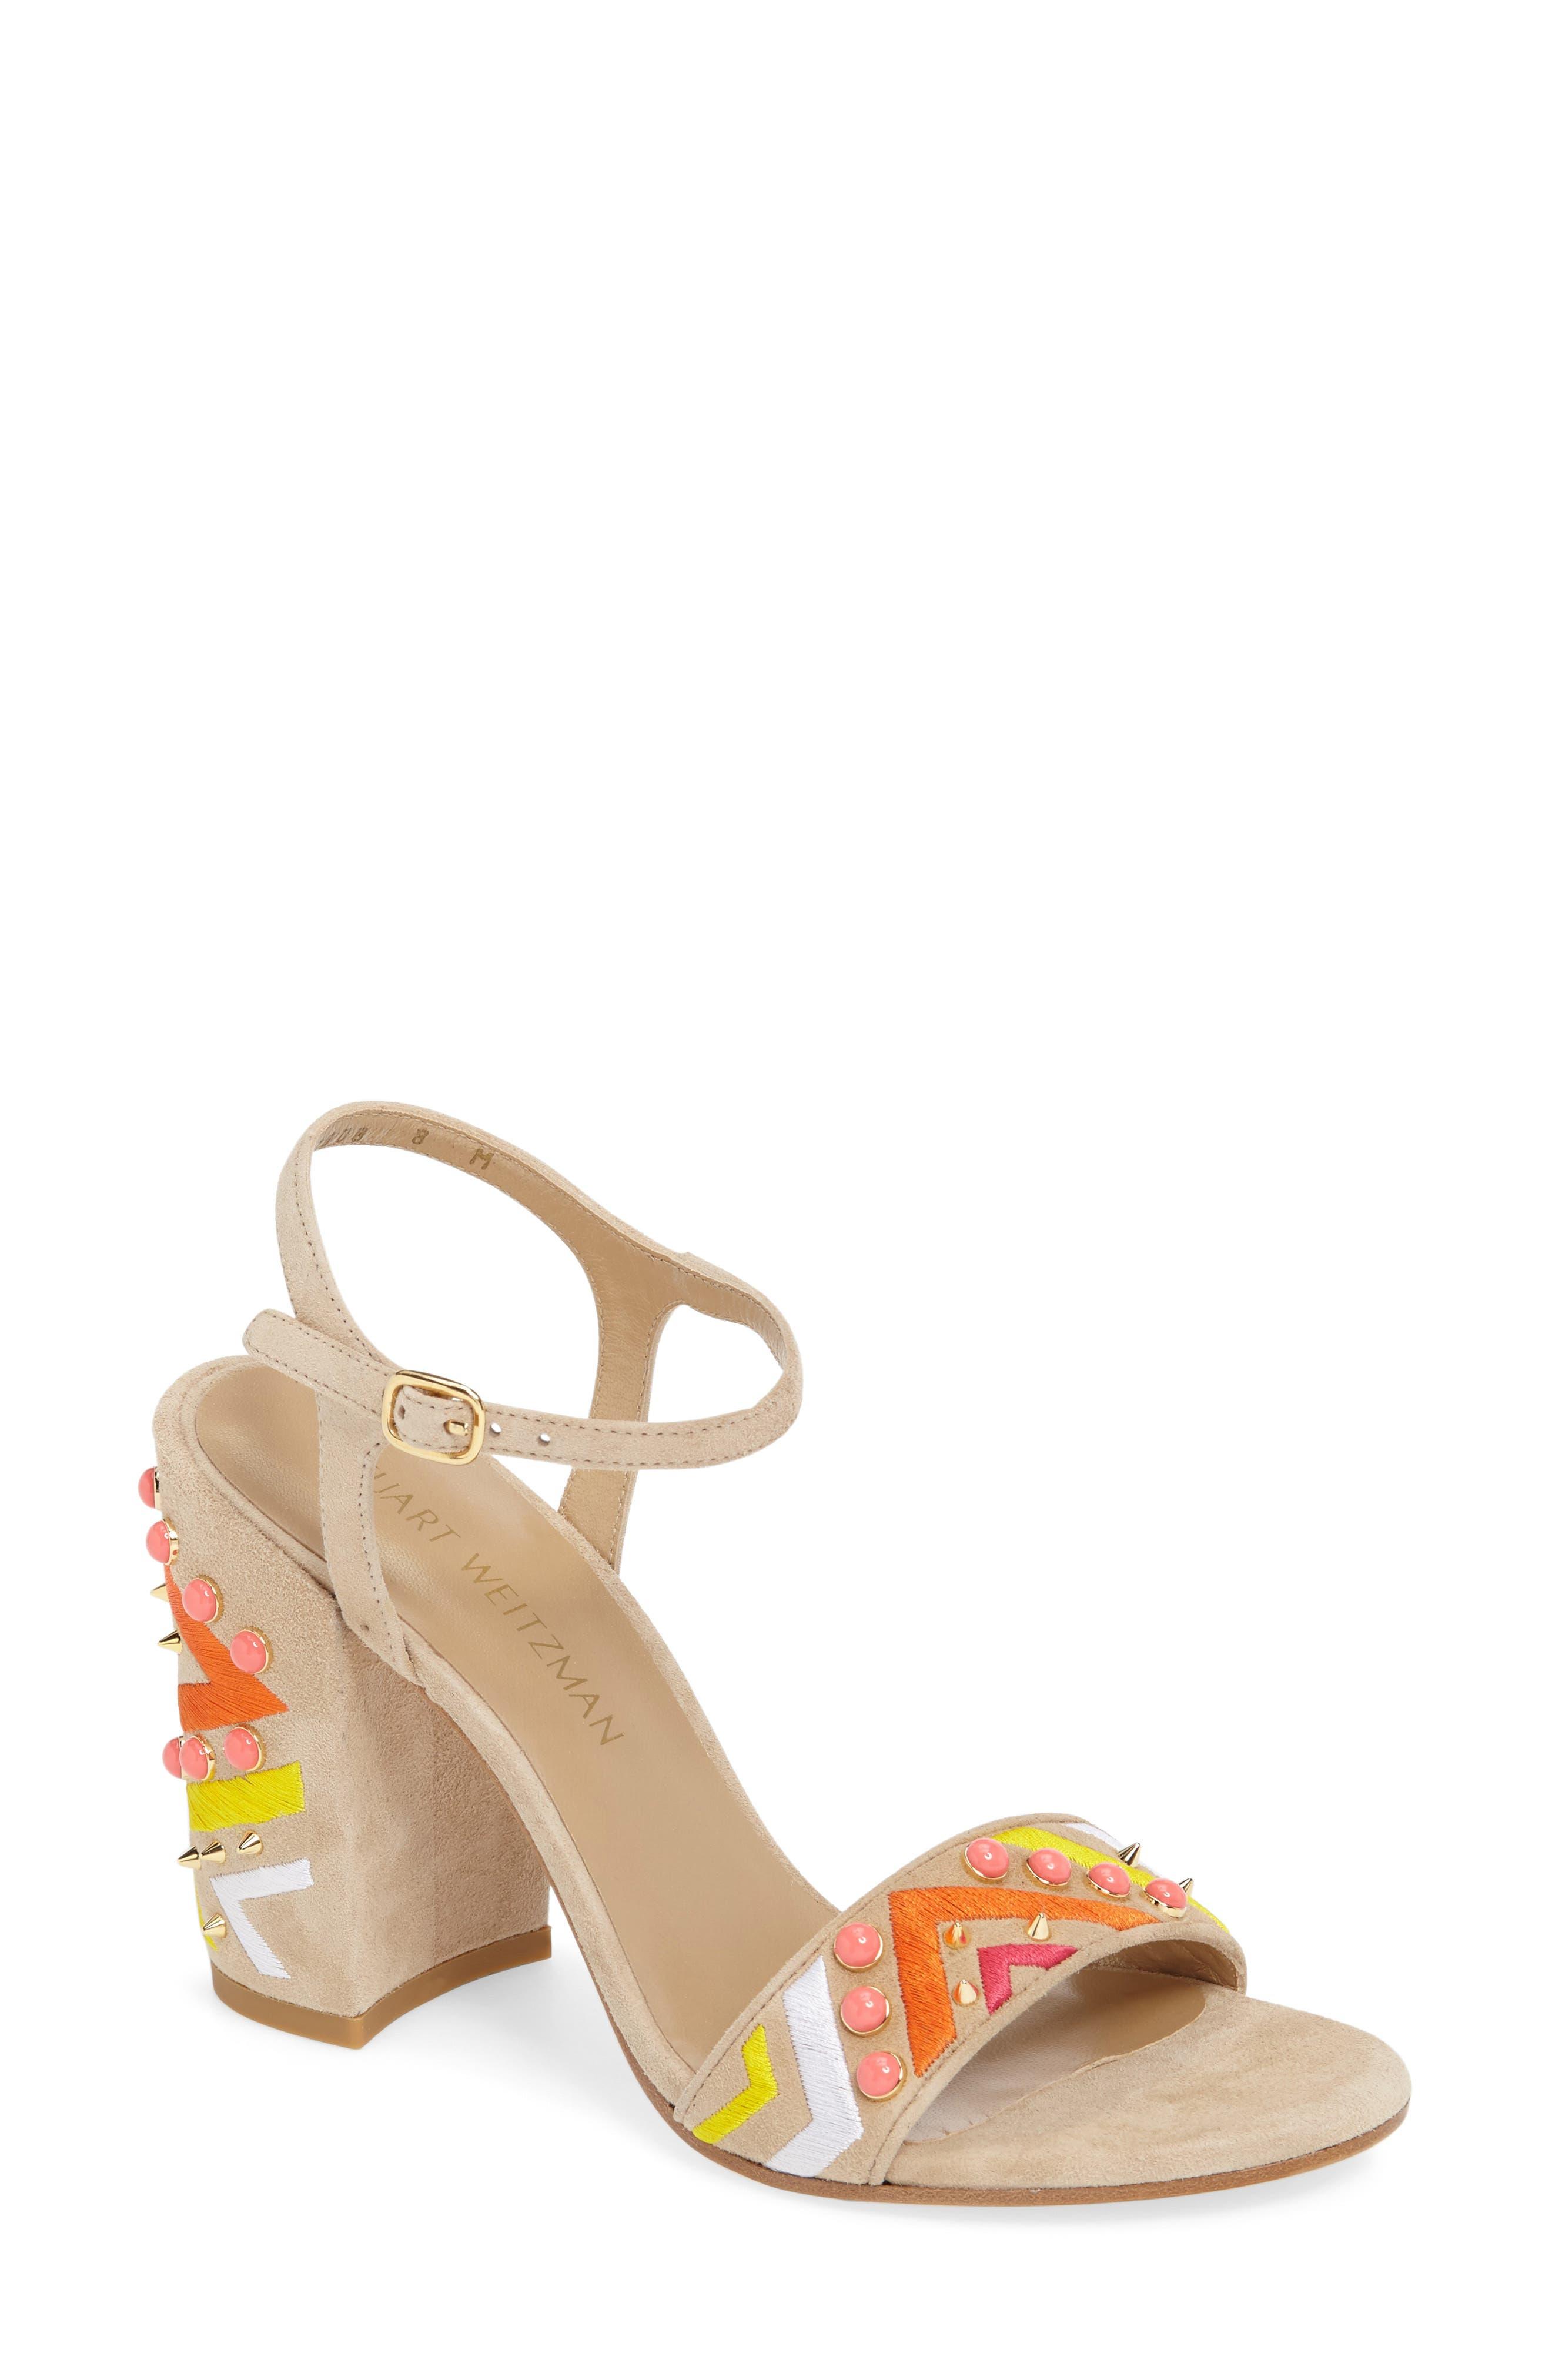 Main Image - Stuart Weitzman Both Embellished Sandal (Women)